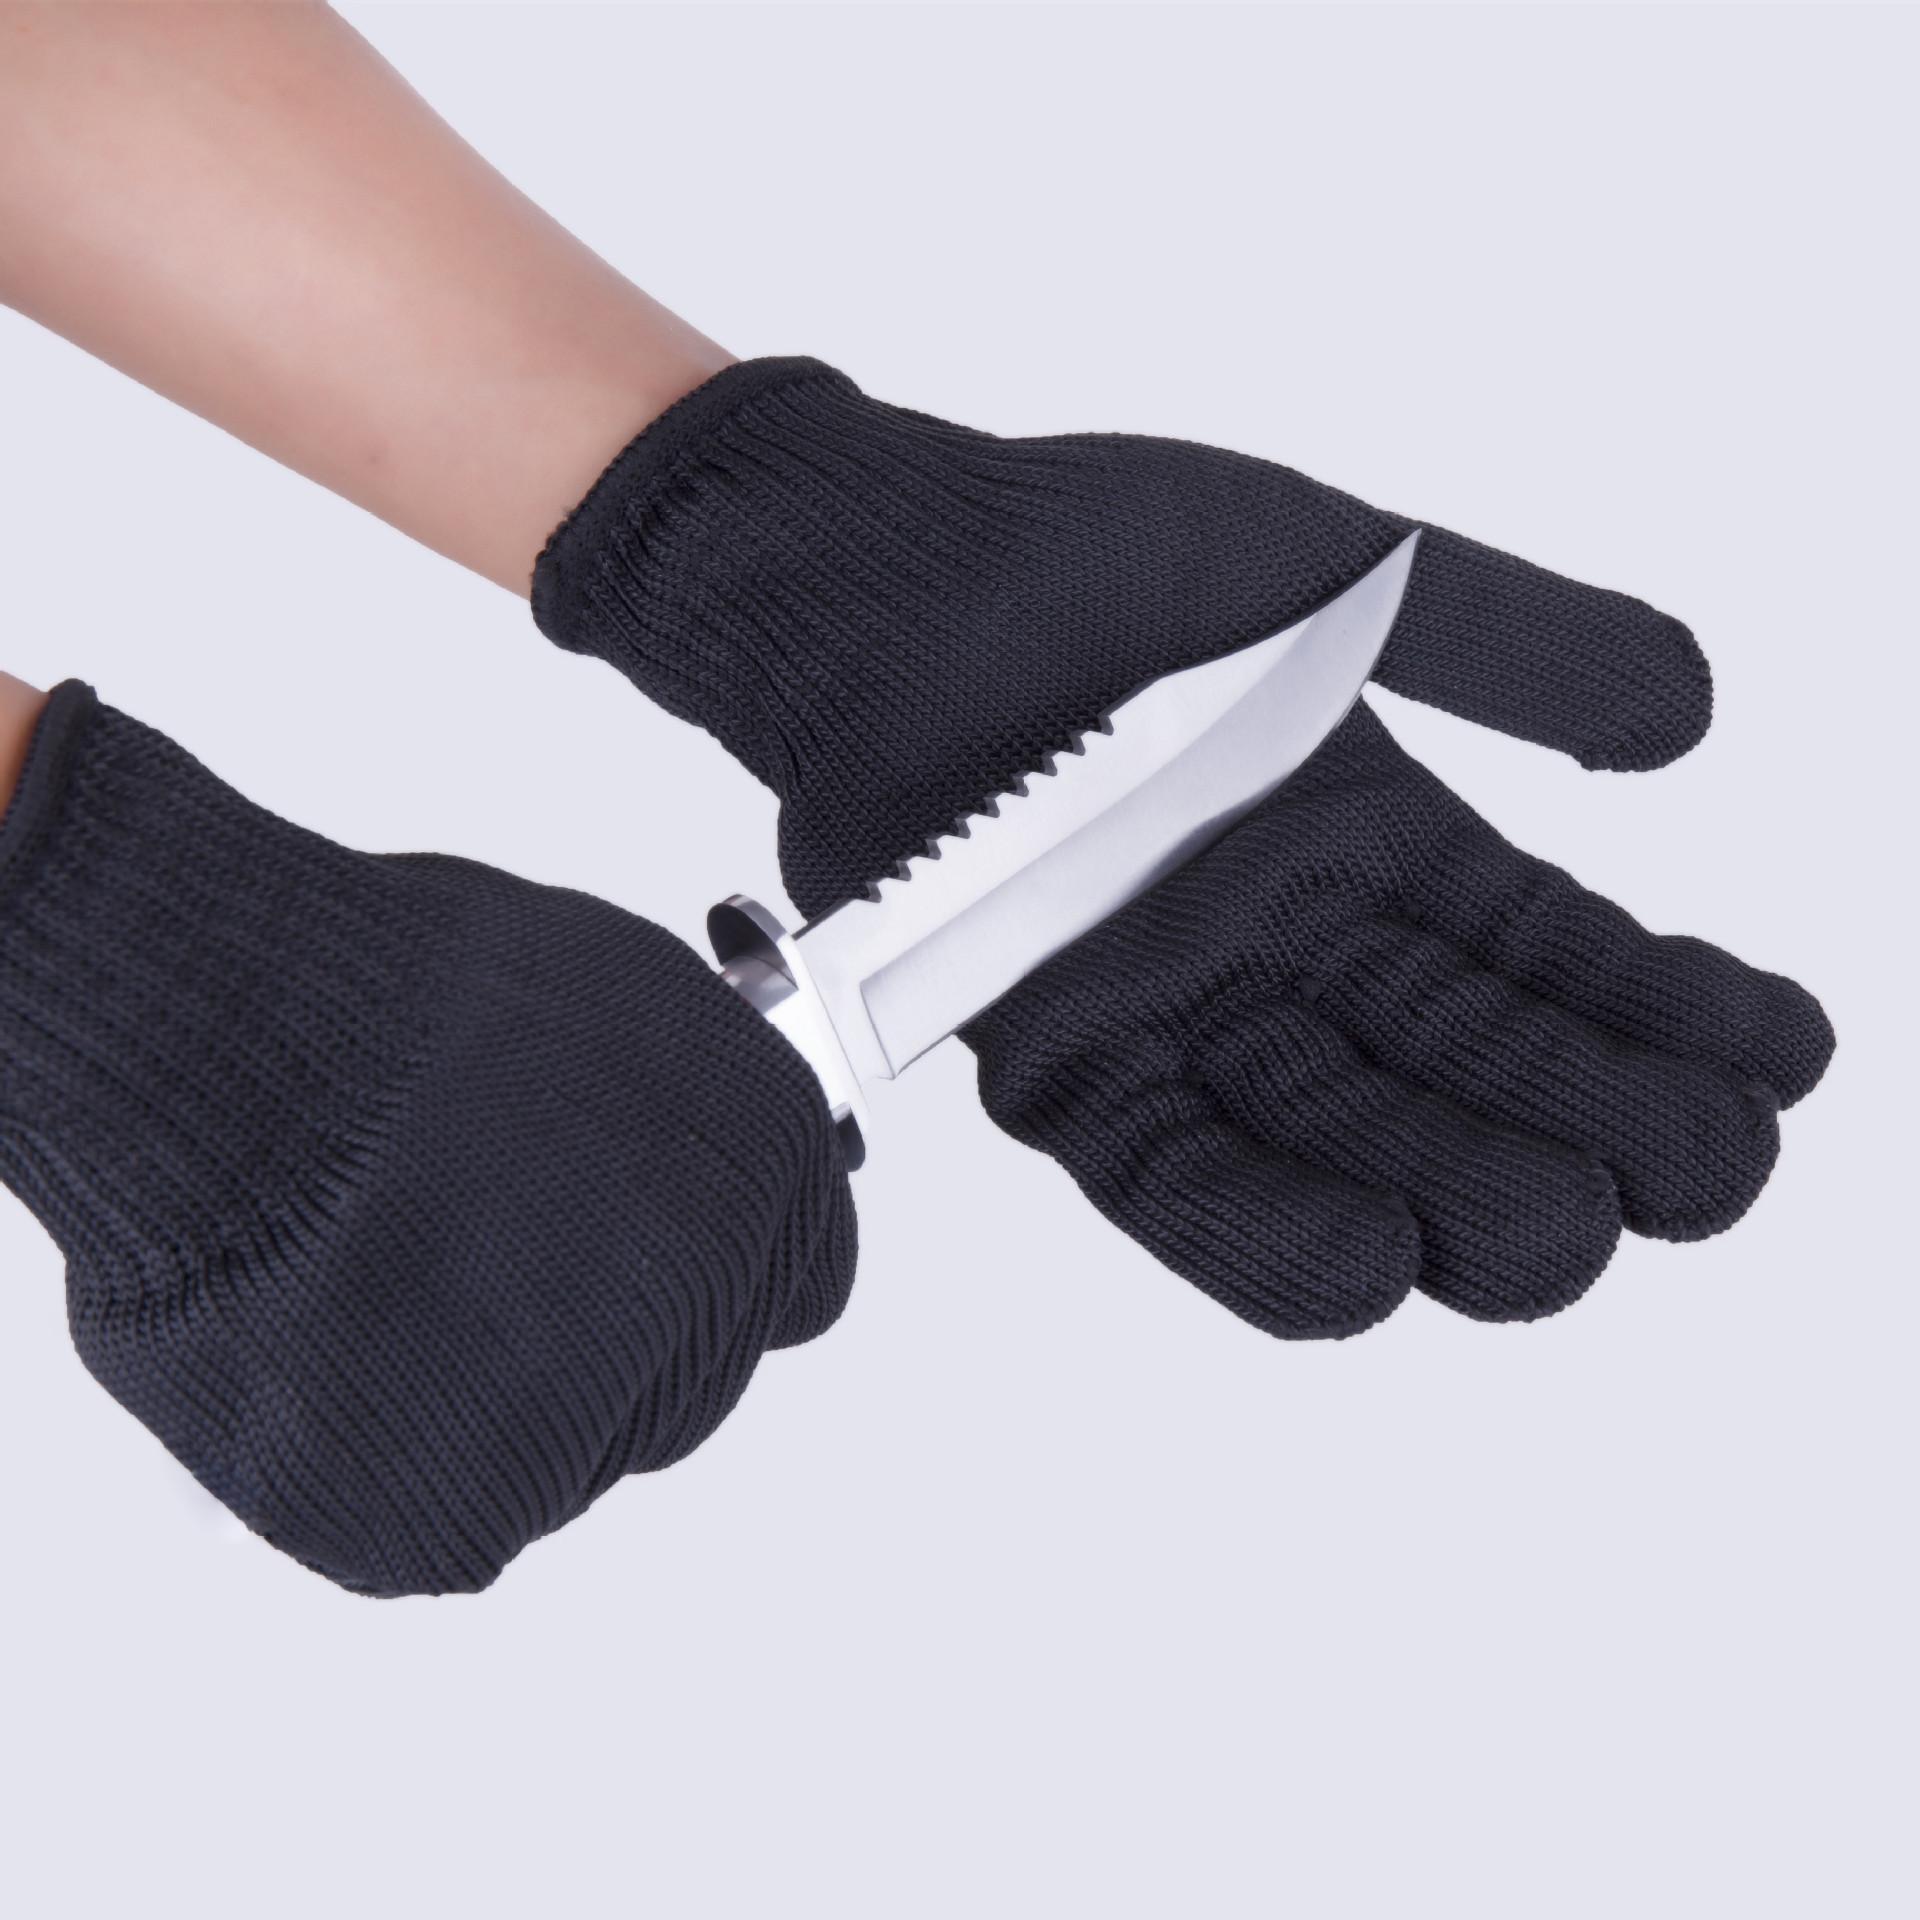 防割5A级钢丝手套专业加强型多用途防割防护手套黑色白美标欧标